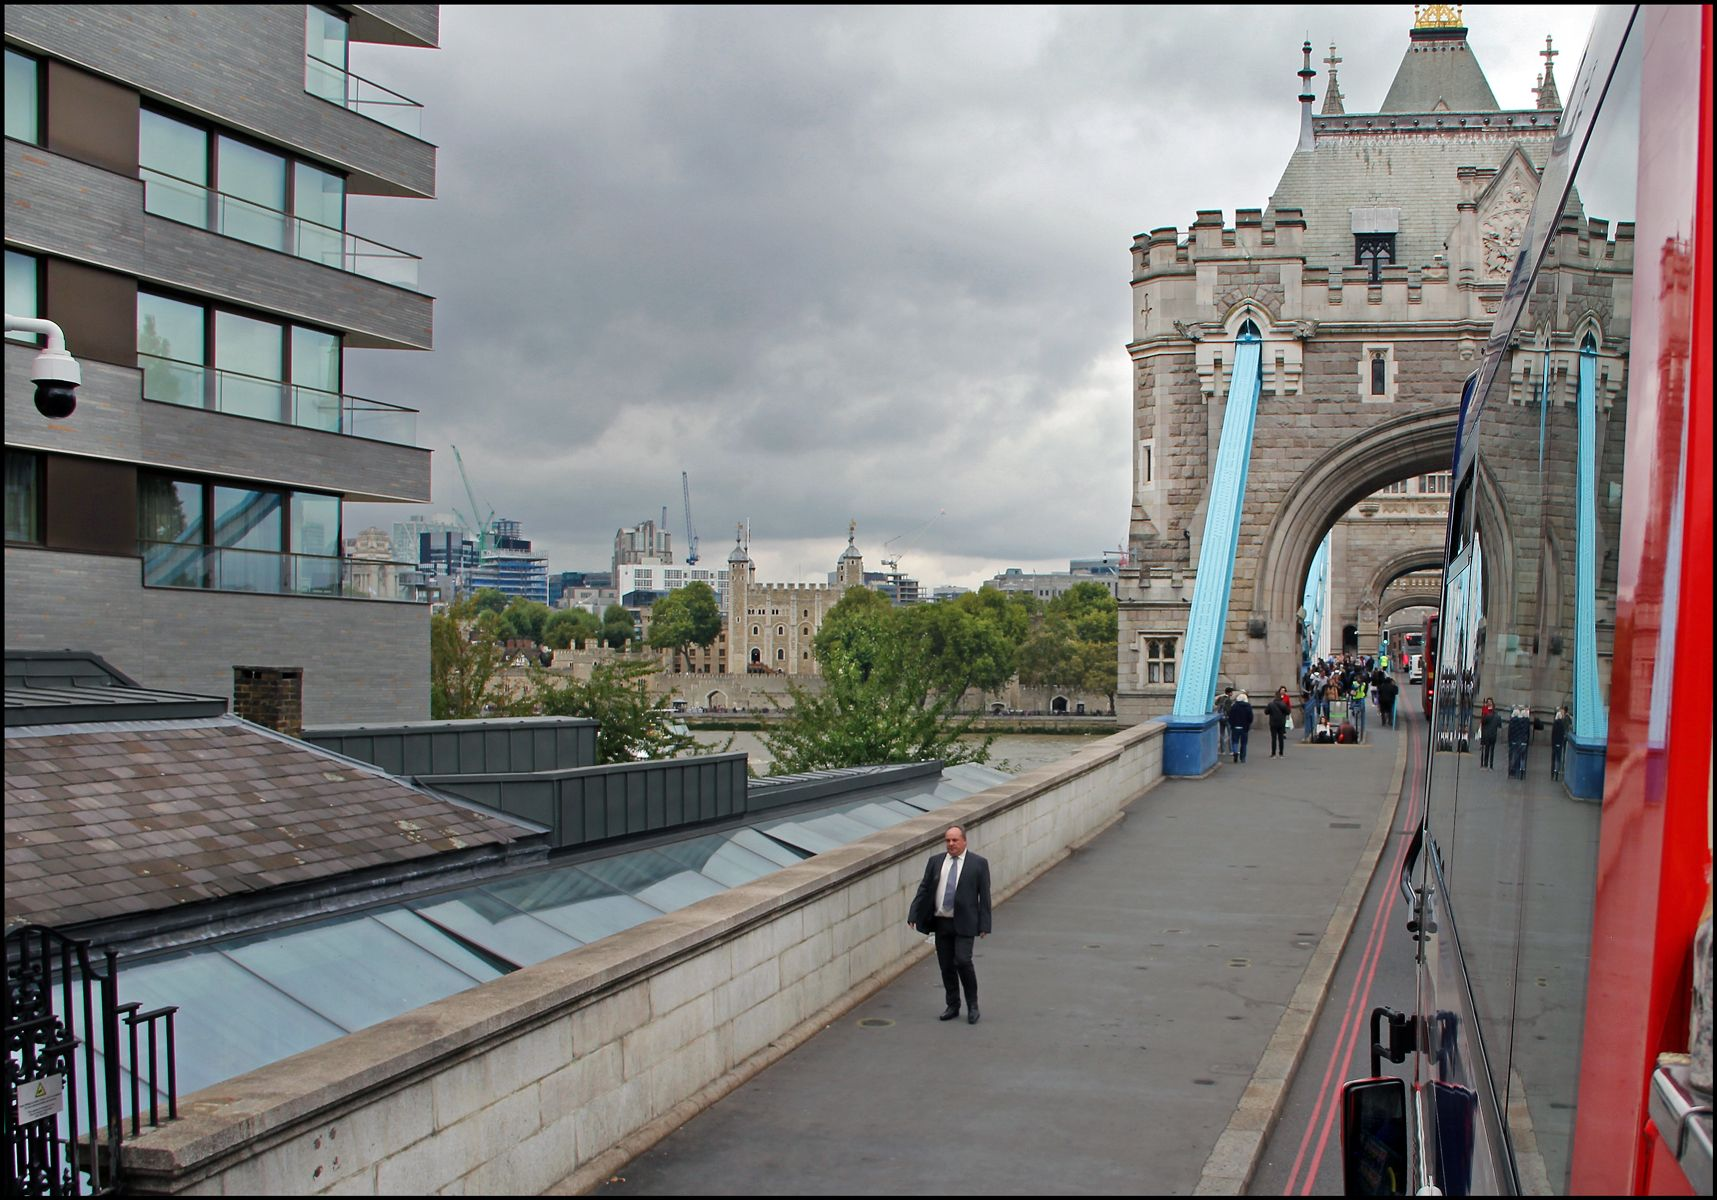 На Тауэрский мост... Лондон Тауэрский мост р.Темза Крепость Тауэр символ Лондона и Британии